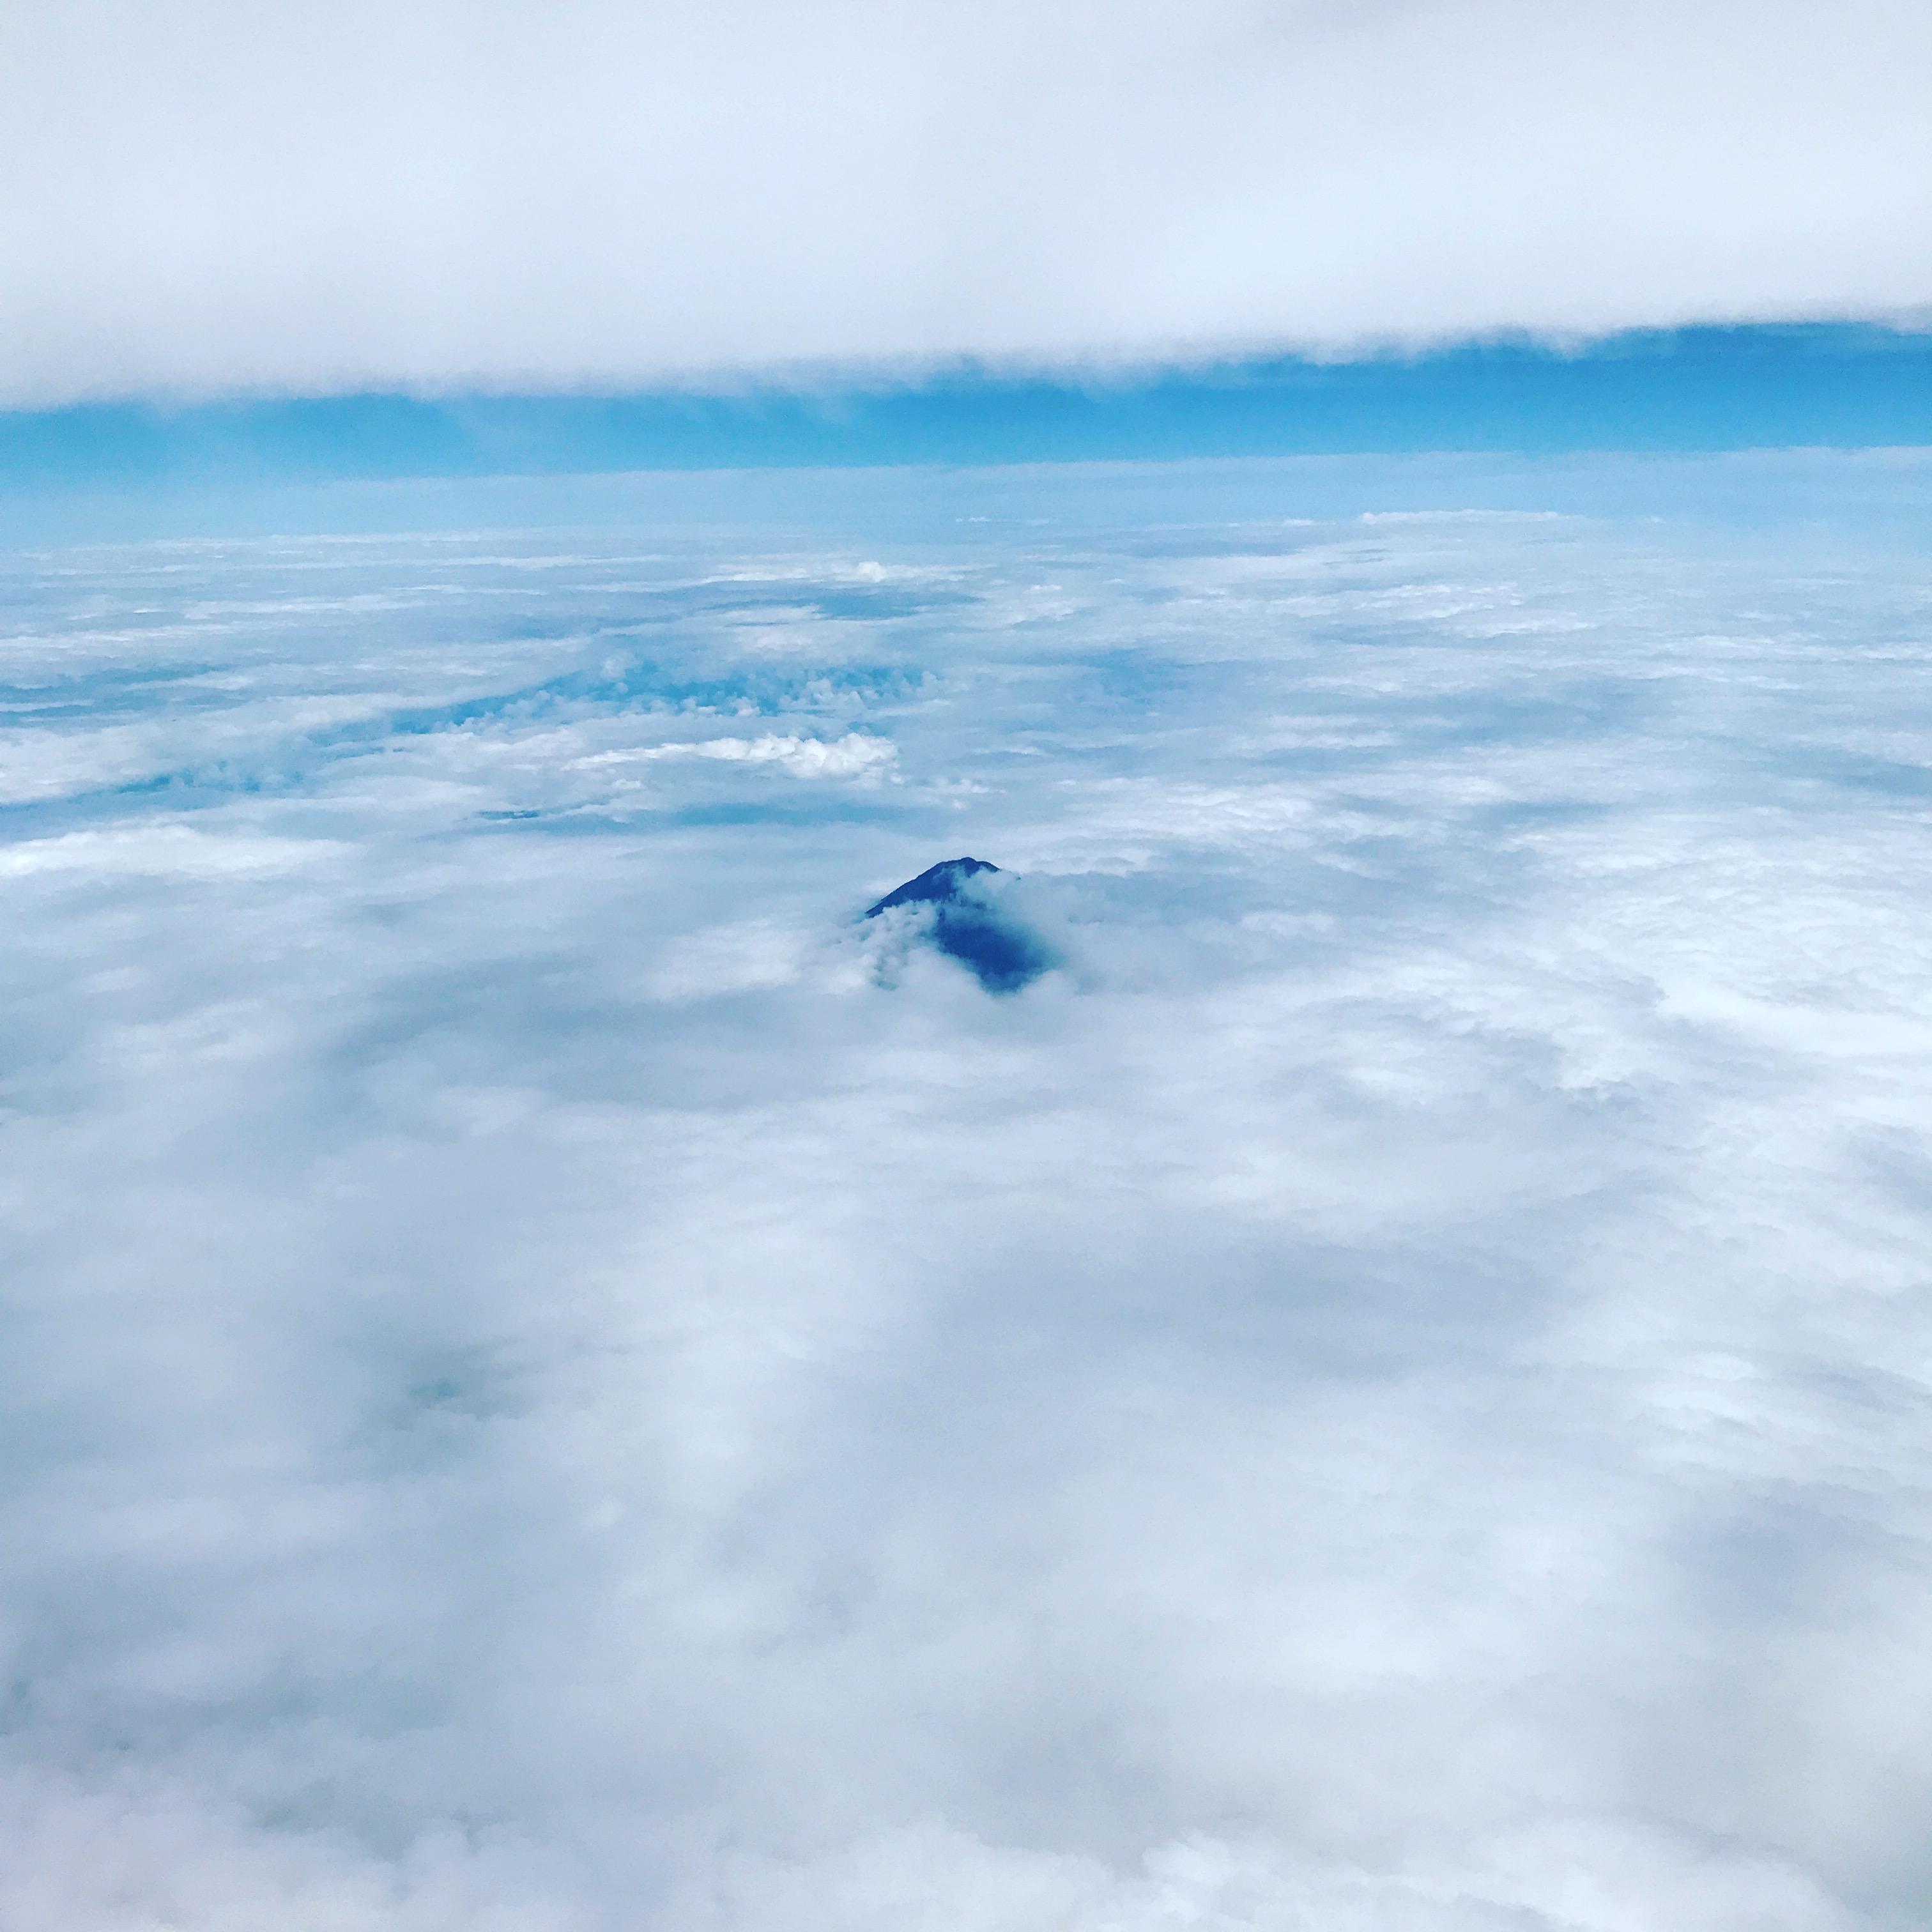 富士山頂! ハゲてます(笑)